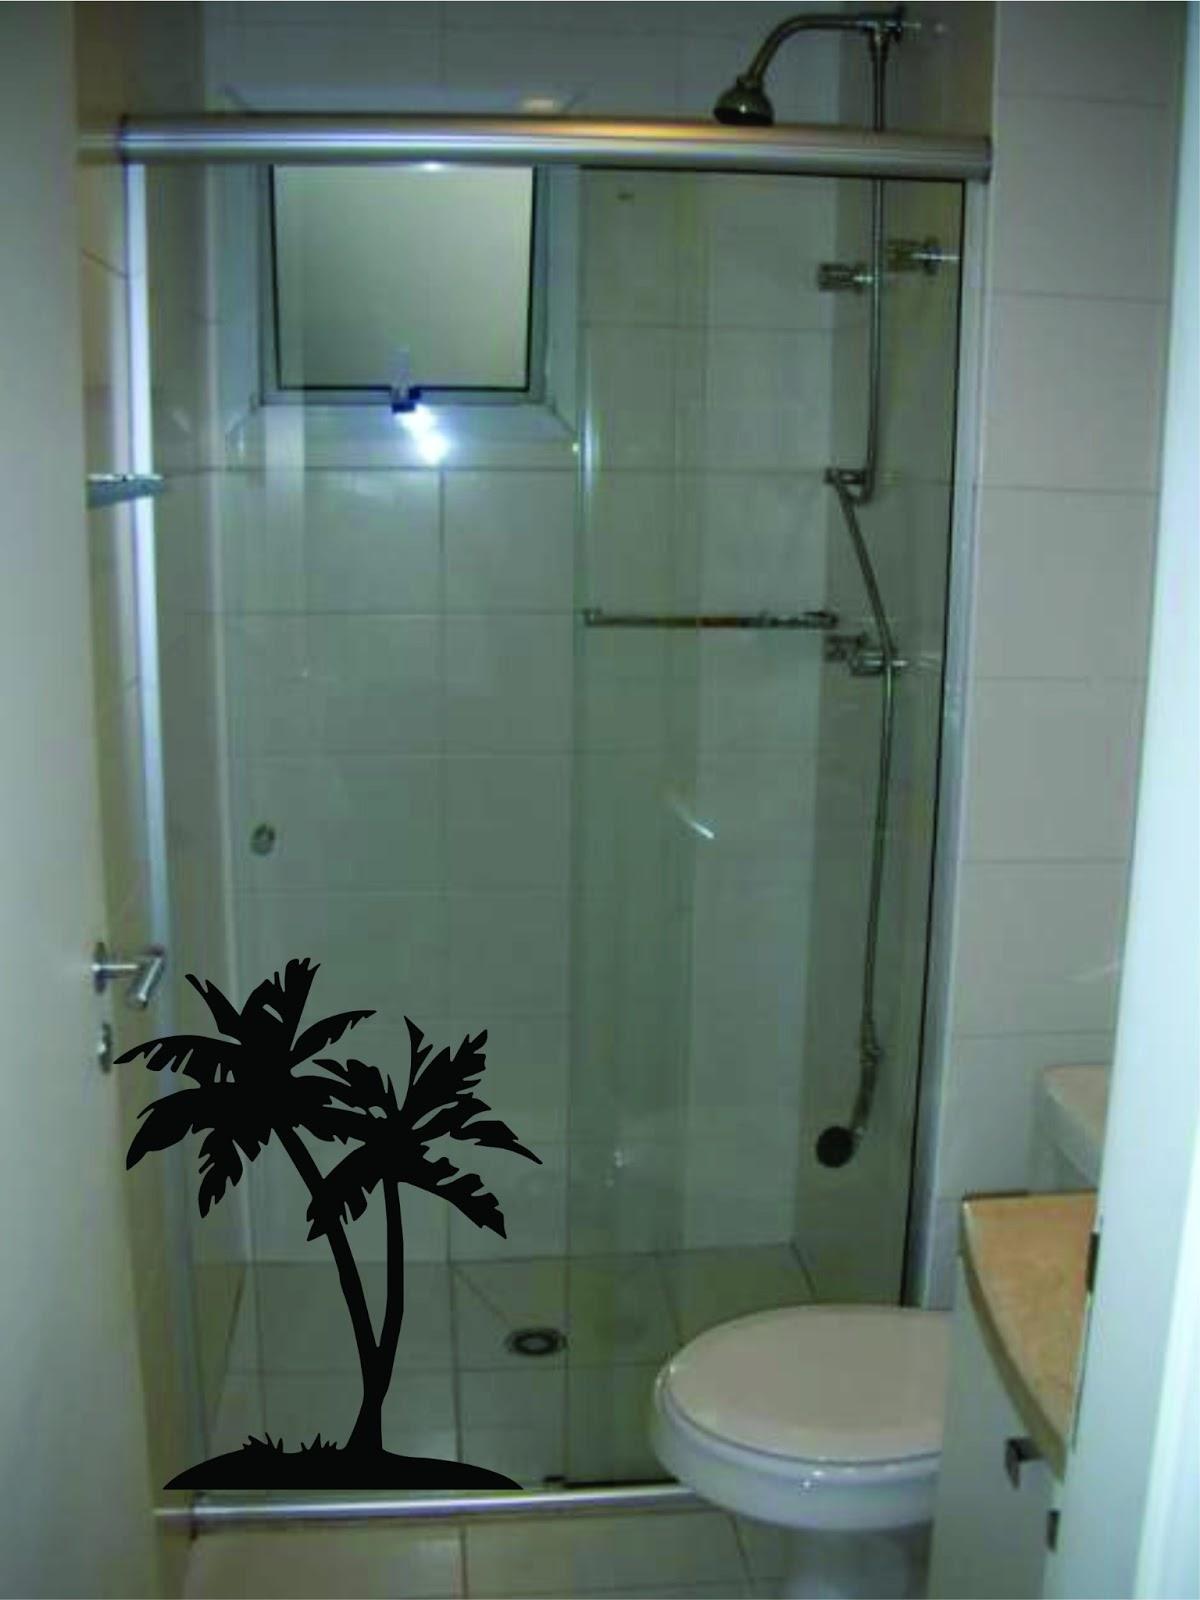 Adesivo decorativo box banheiro/Jateado/Pastilhas Adesivas Bauru #31829A 1200x1600 Adesivo Box Banheiro Curitiba